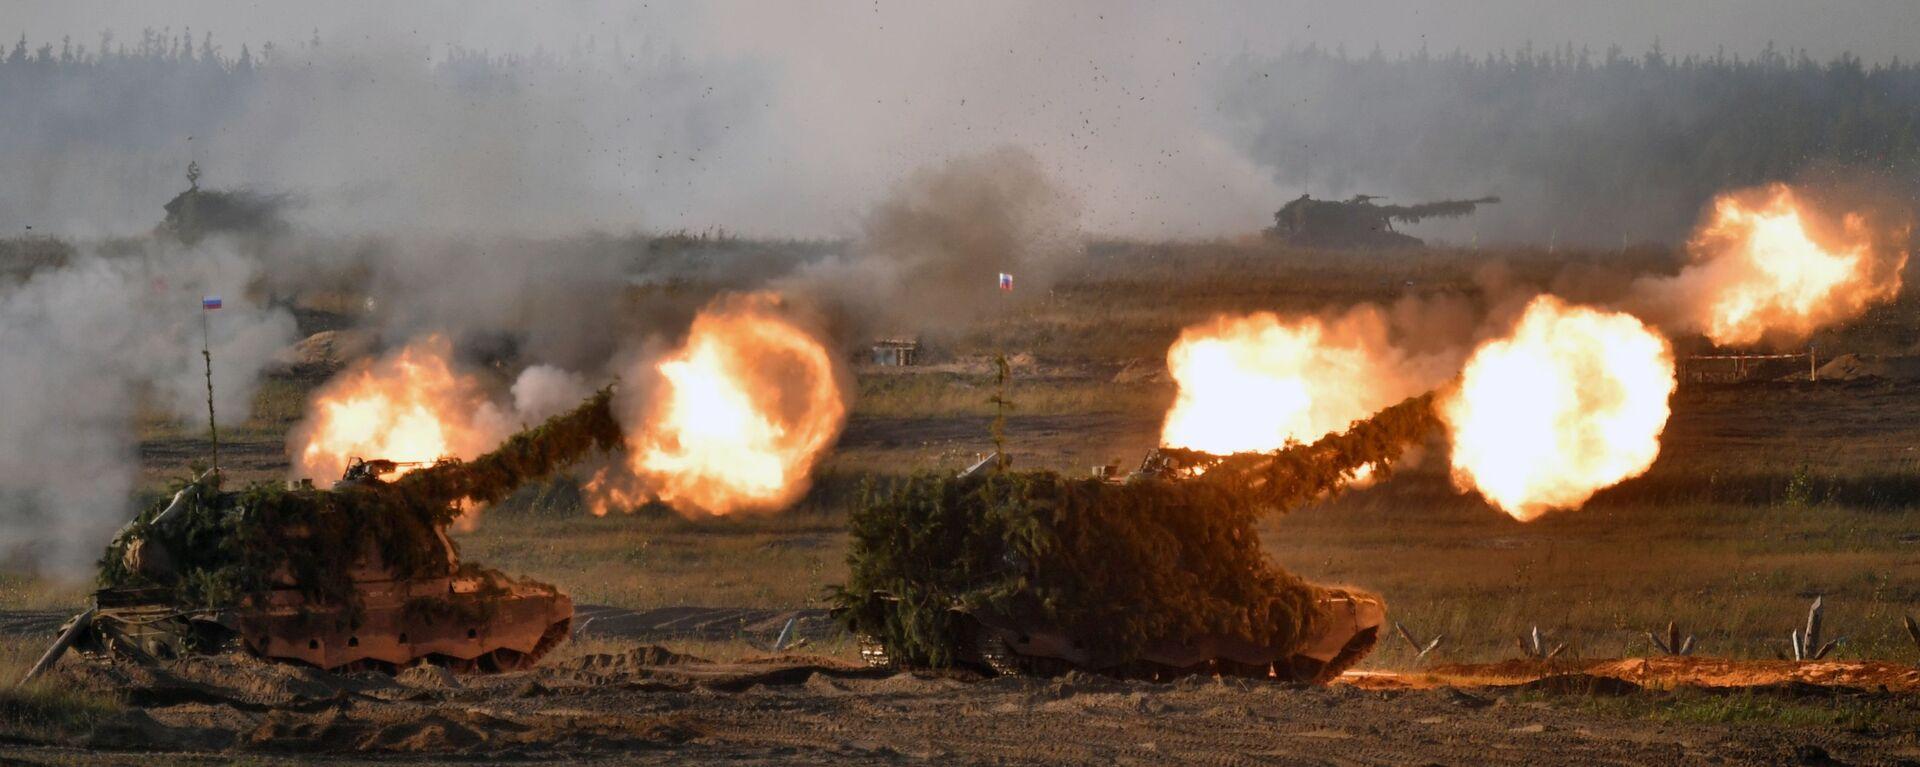 Самоходные артиллерийские установки (САУ) во время основного этапа учений Запад-2021 на полигоне Мулино в Нижегородской области - Sputnik Србија, 1920, 15.09.2021